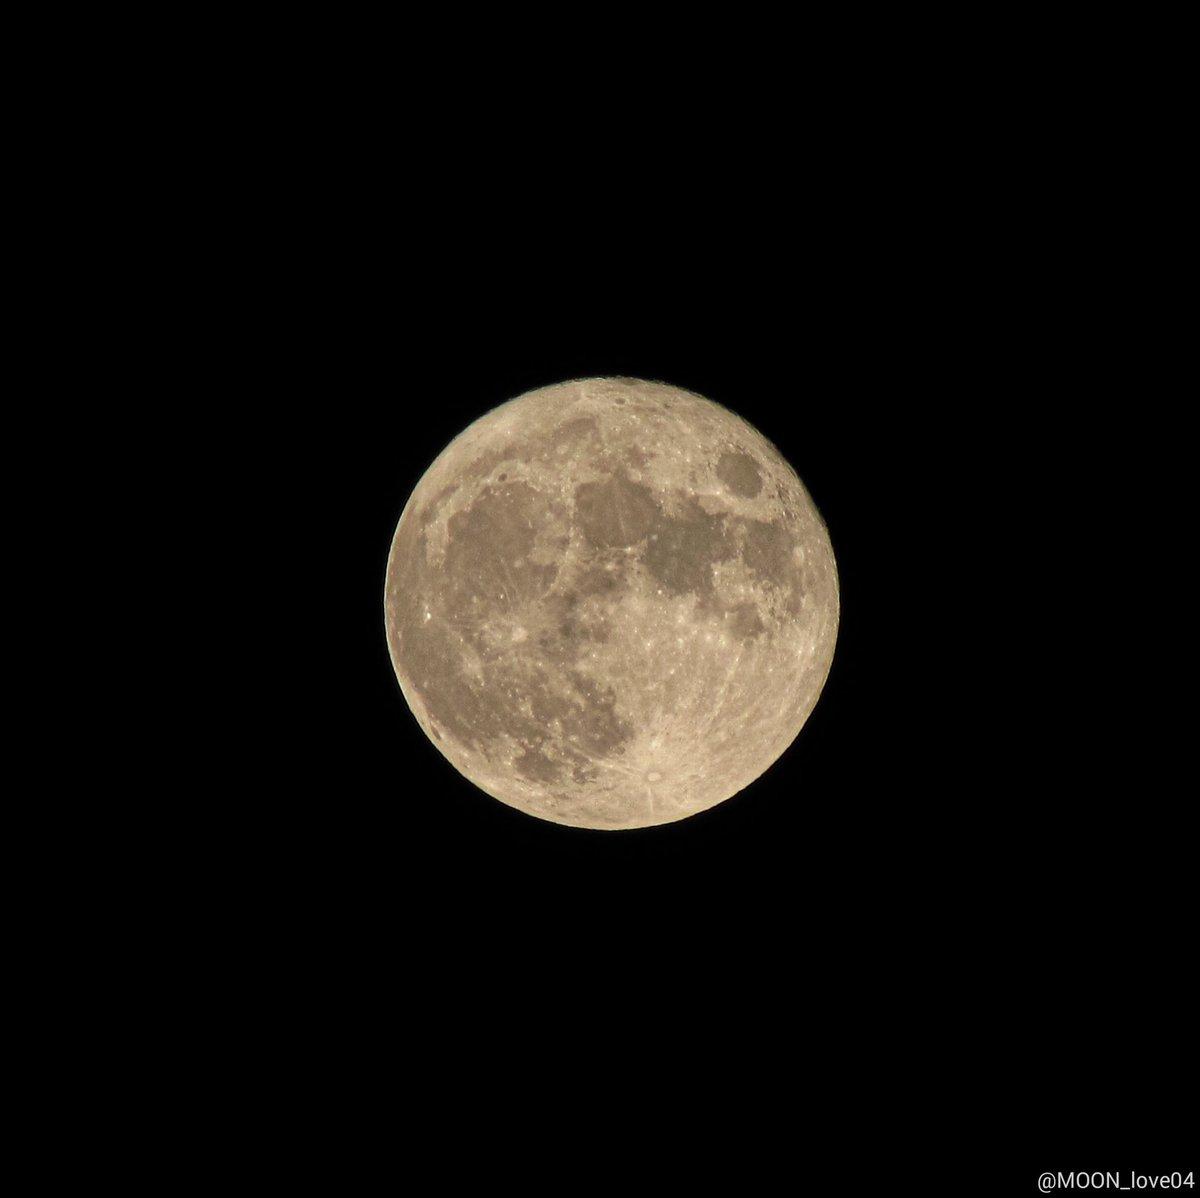 210921 추석 보름달 사진🌕  #추석 #보름달